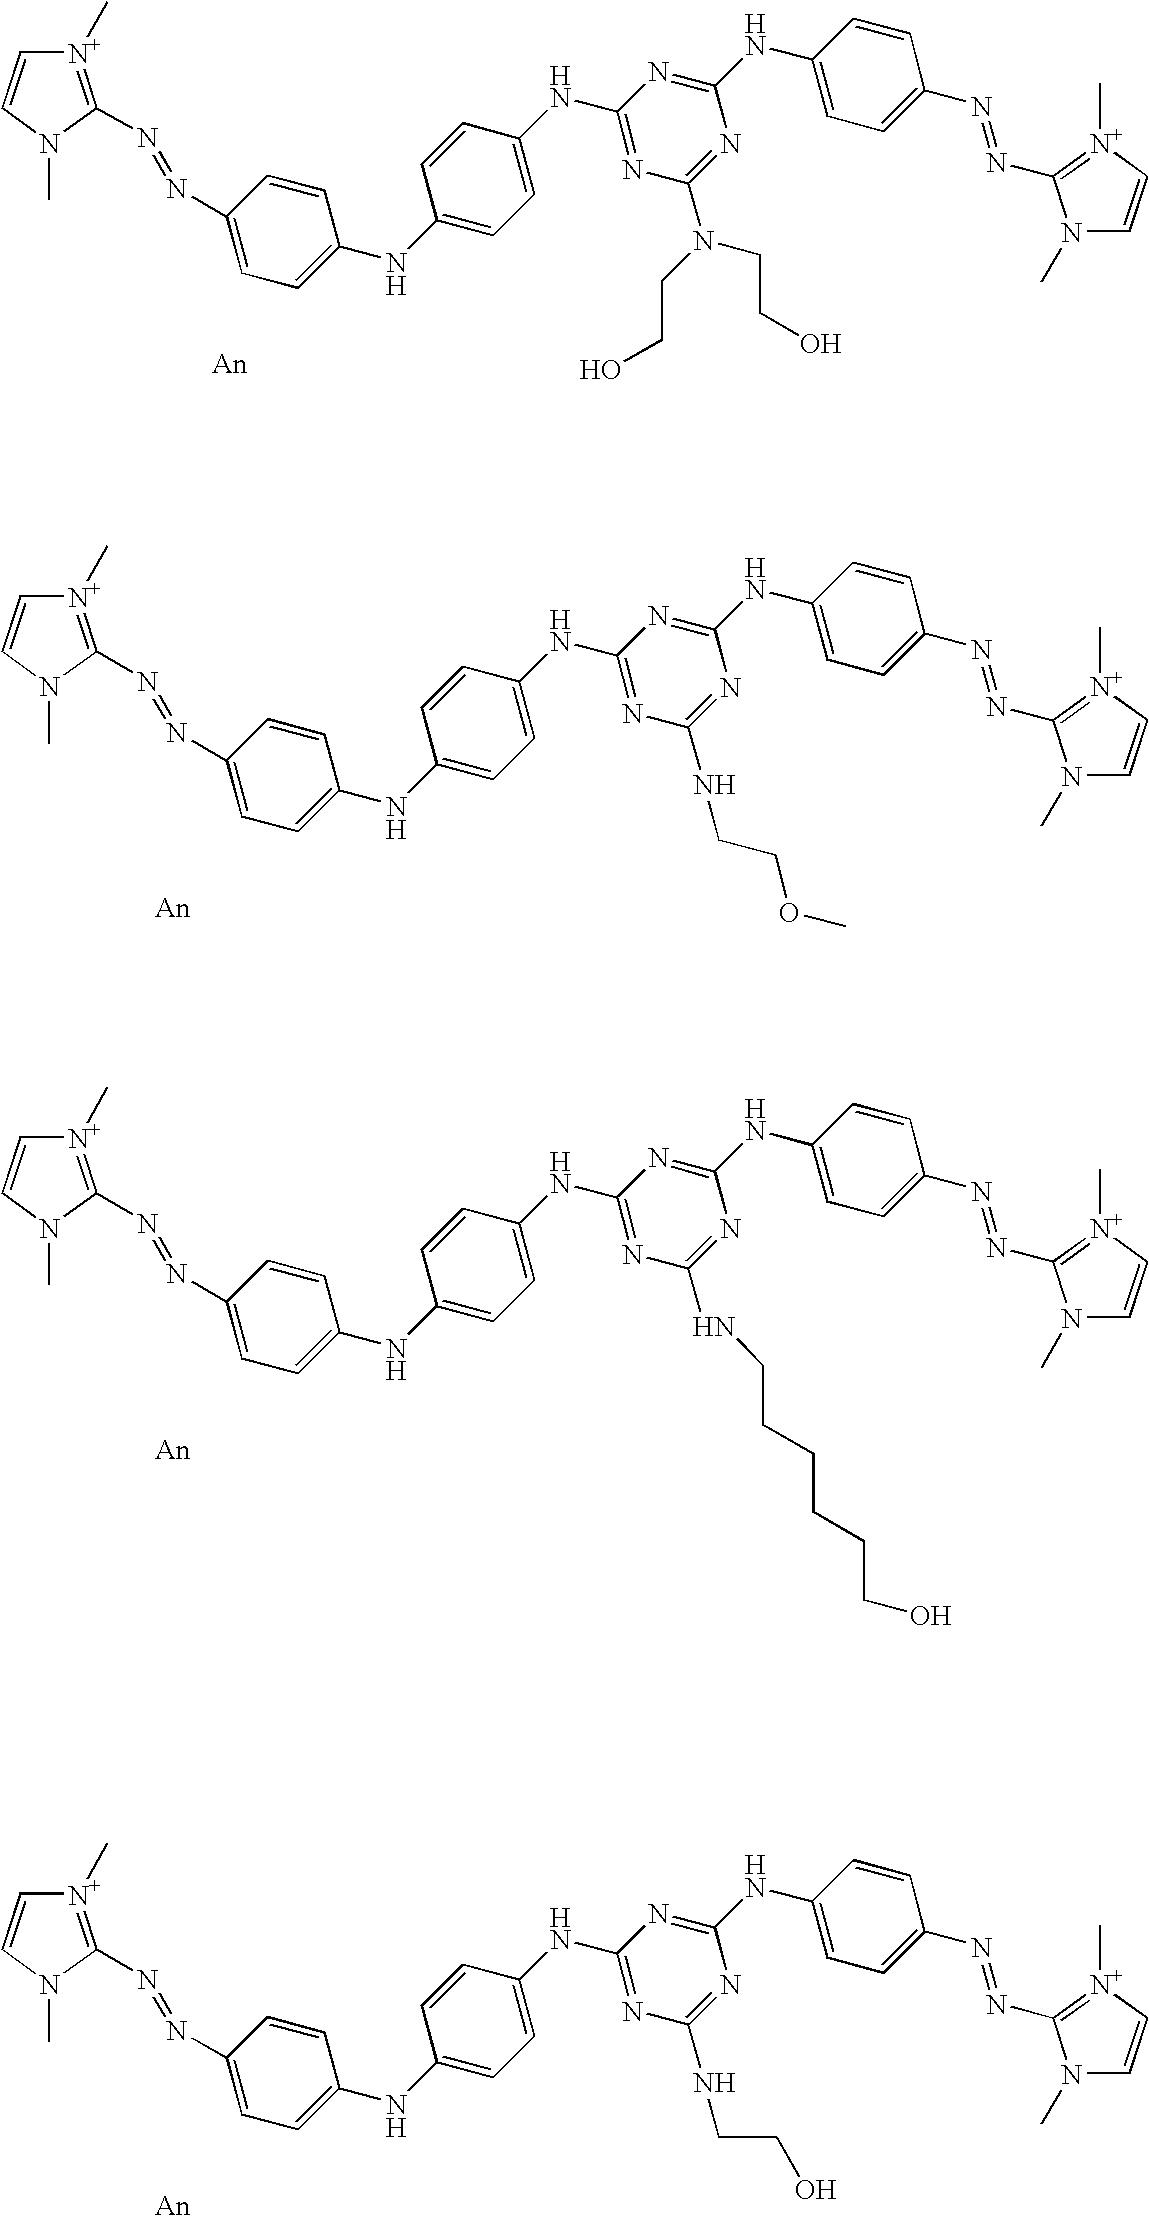 Figure US20050204483A1-20050922-C00030